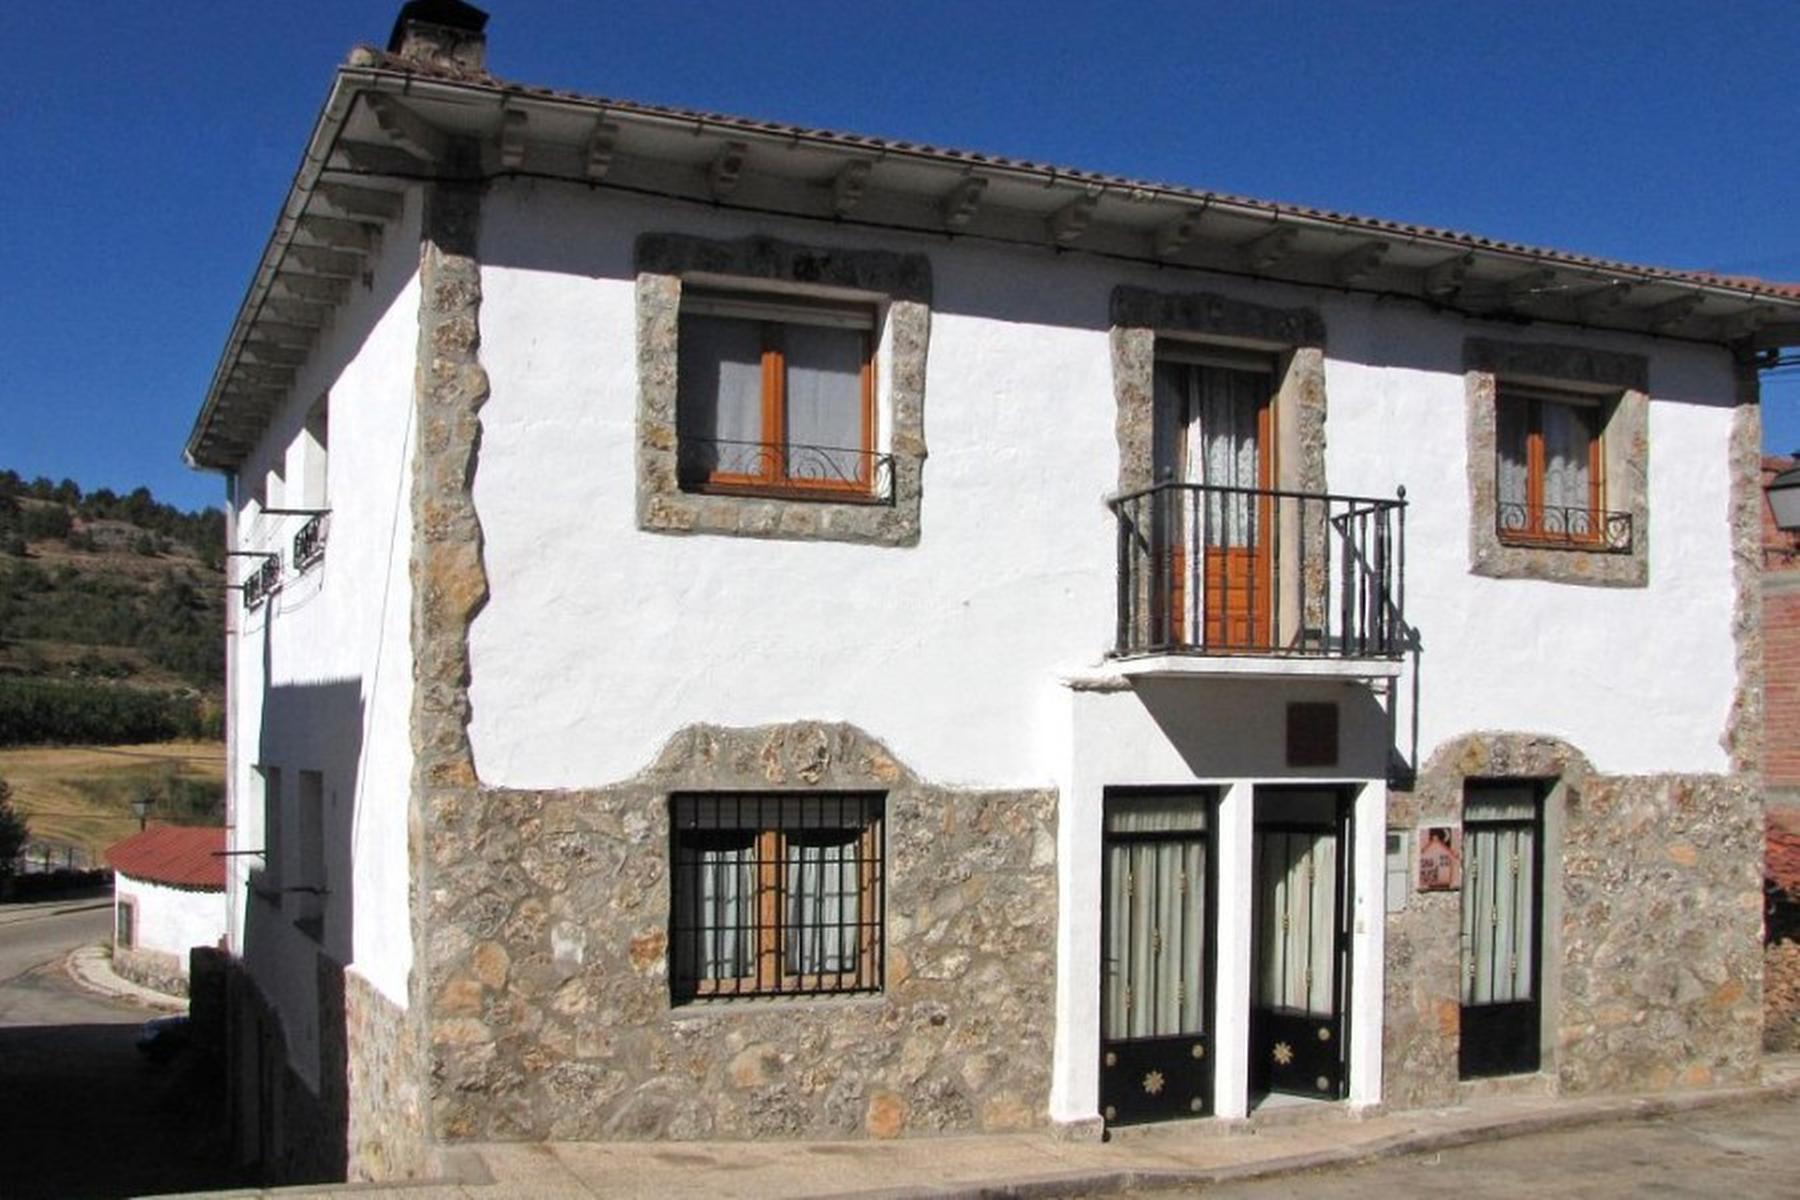 Fotos de casas rurales vadillo soria vadillo clubrural - Fotos casas rurales ...